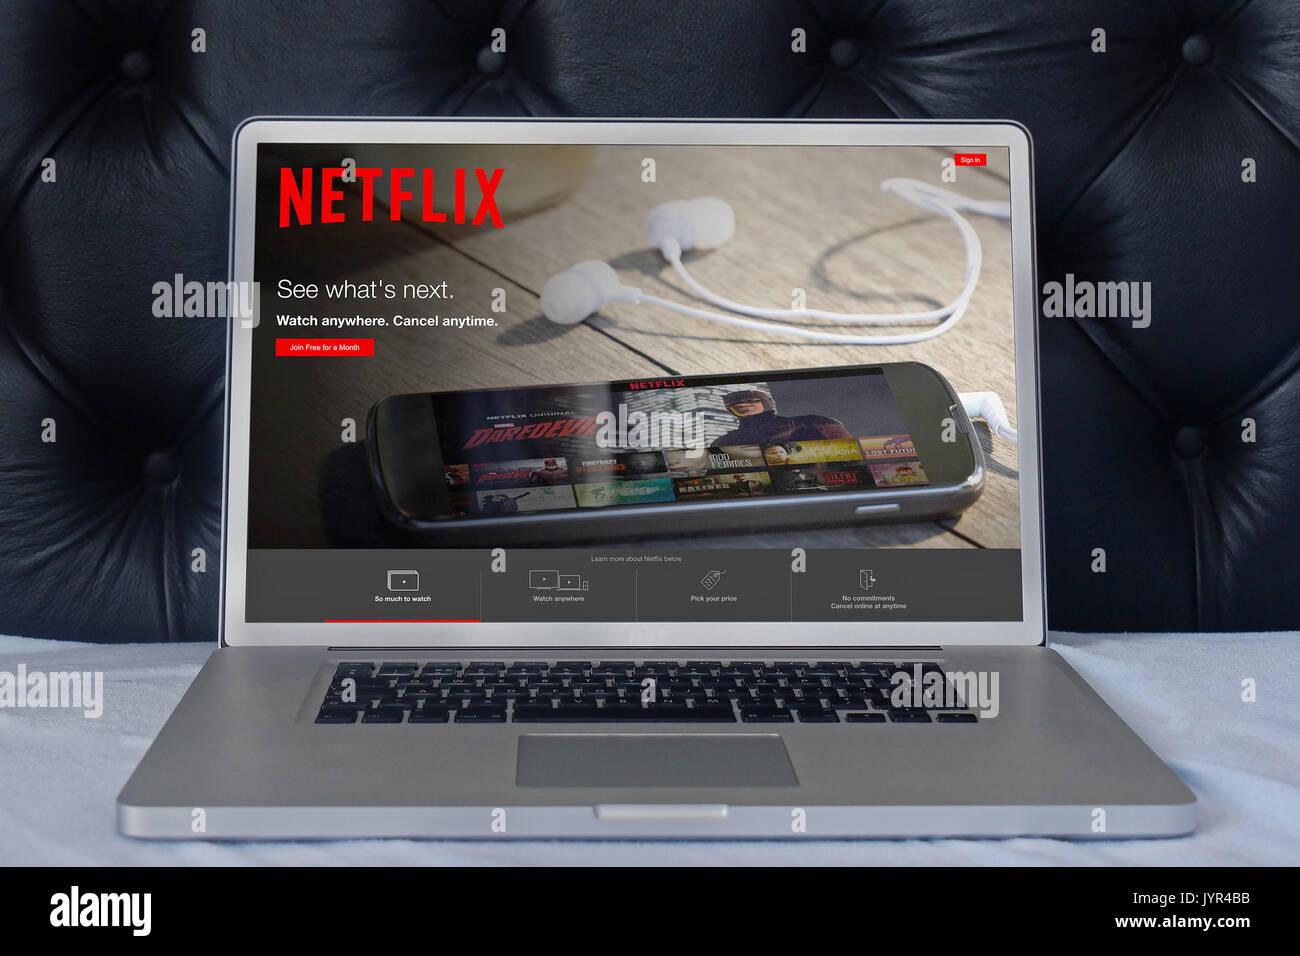 LONDON, VEREINIGTES KÖNIGREICH - Juni 02, 2015: Netflix Webseite auf dem Laptop Bildschirm im Haus Schlafzimmer. Netflix ist ein globaler Anbieter von Streaming von Filmen und T Stockbild